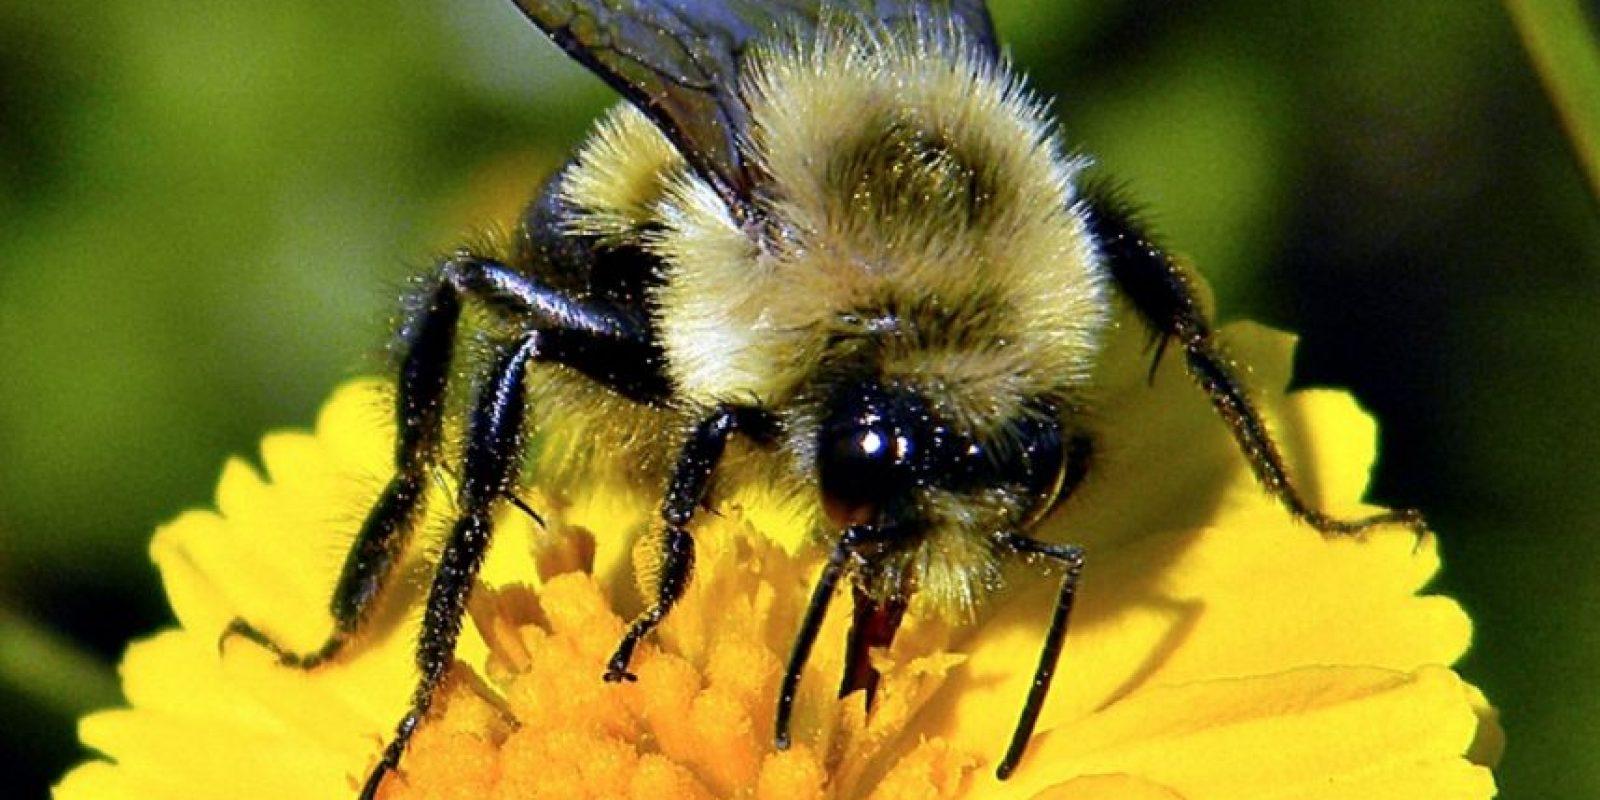 – Anteriormente pensábamos que nuestros cultivos eran polinizadas principalmente por las abejas de miel que ponemos junto a los cultivos mayormente polinizados por insectos, para así asegurar la polinización. Hemos encontrado que las abejas silvestres contribuyen en igual medida, incluso un poco más a la producción de cultivos que las abejas de miel. Foto:Pixabay